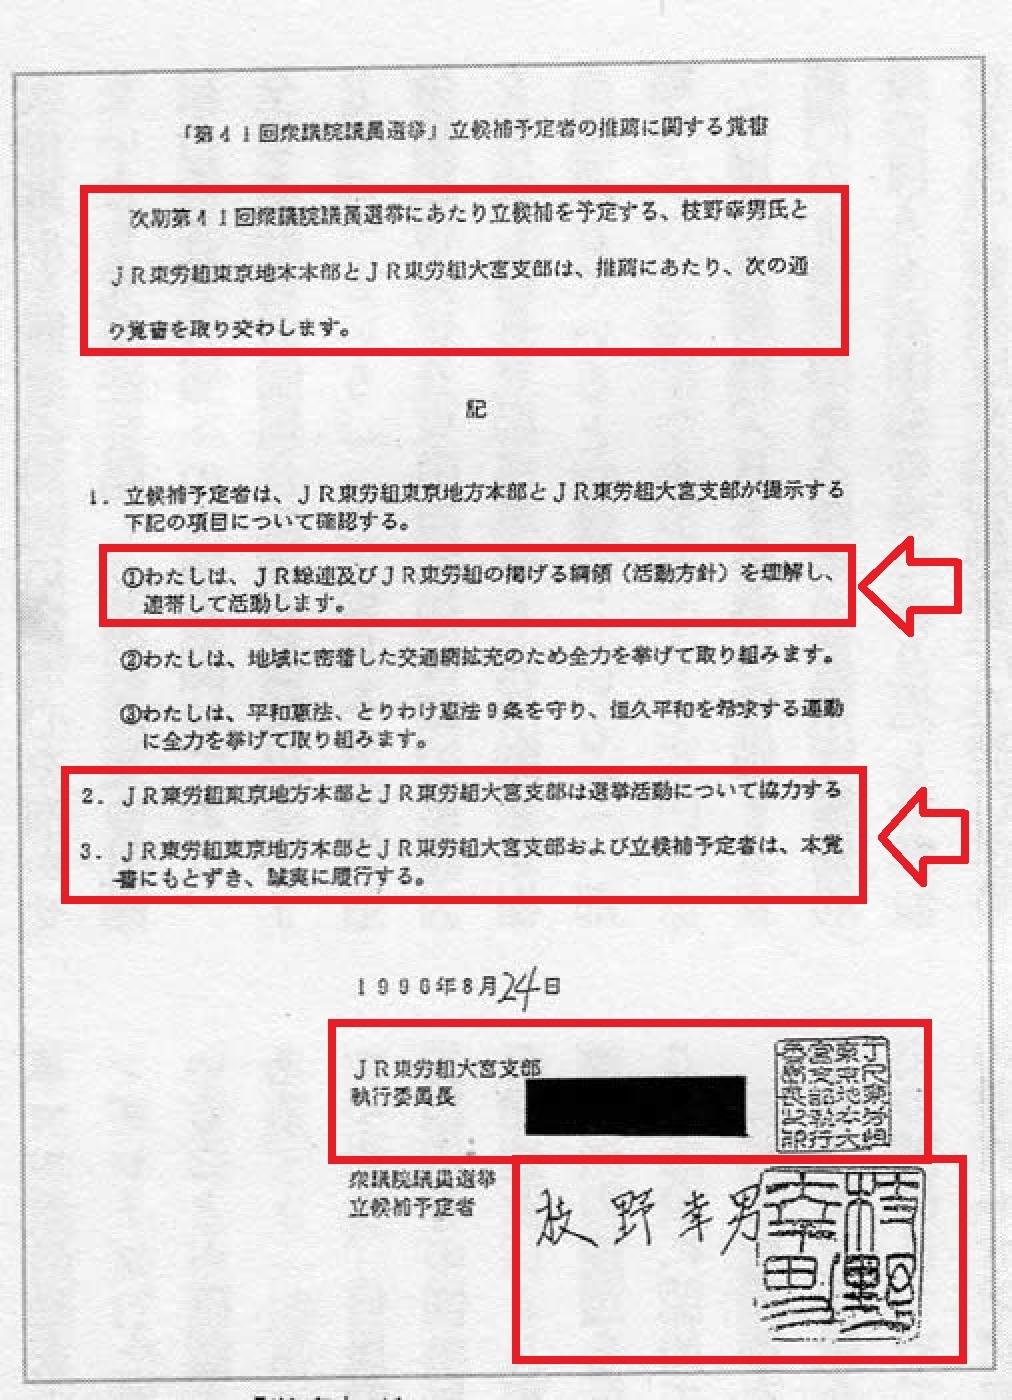 JR東労組東京・大宮支部と密命を交わしていた枝野1